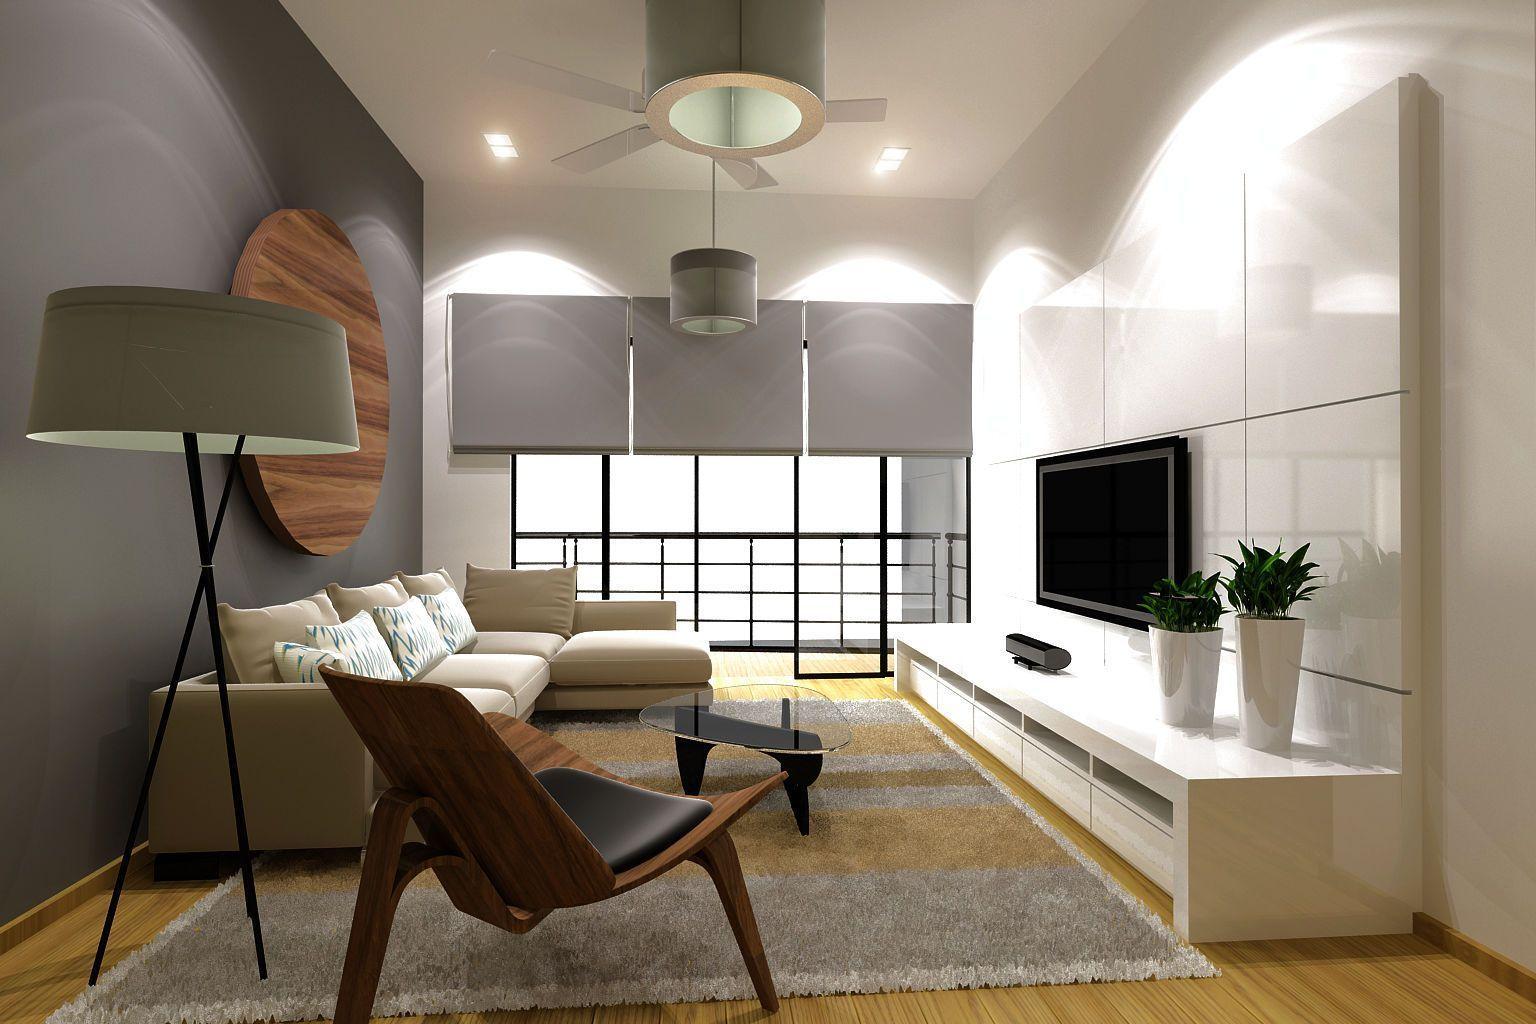 Innenarchitektur wohnzimmer für kleine wohnung interior design living room for condo  großes esszimmer einrichten